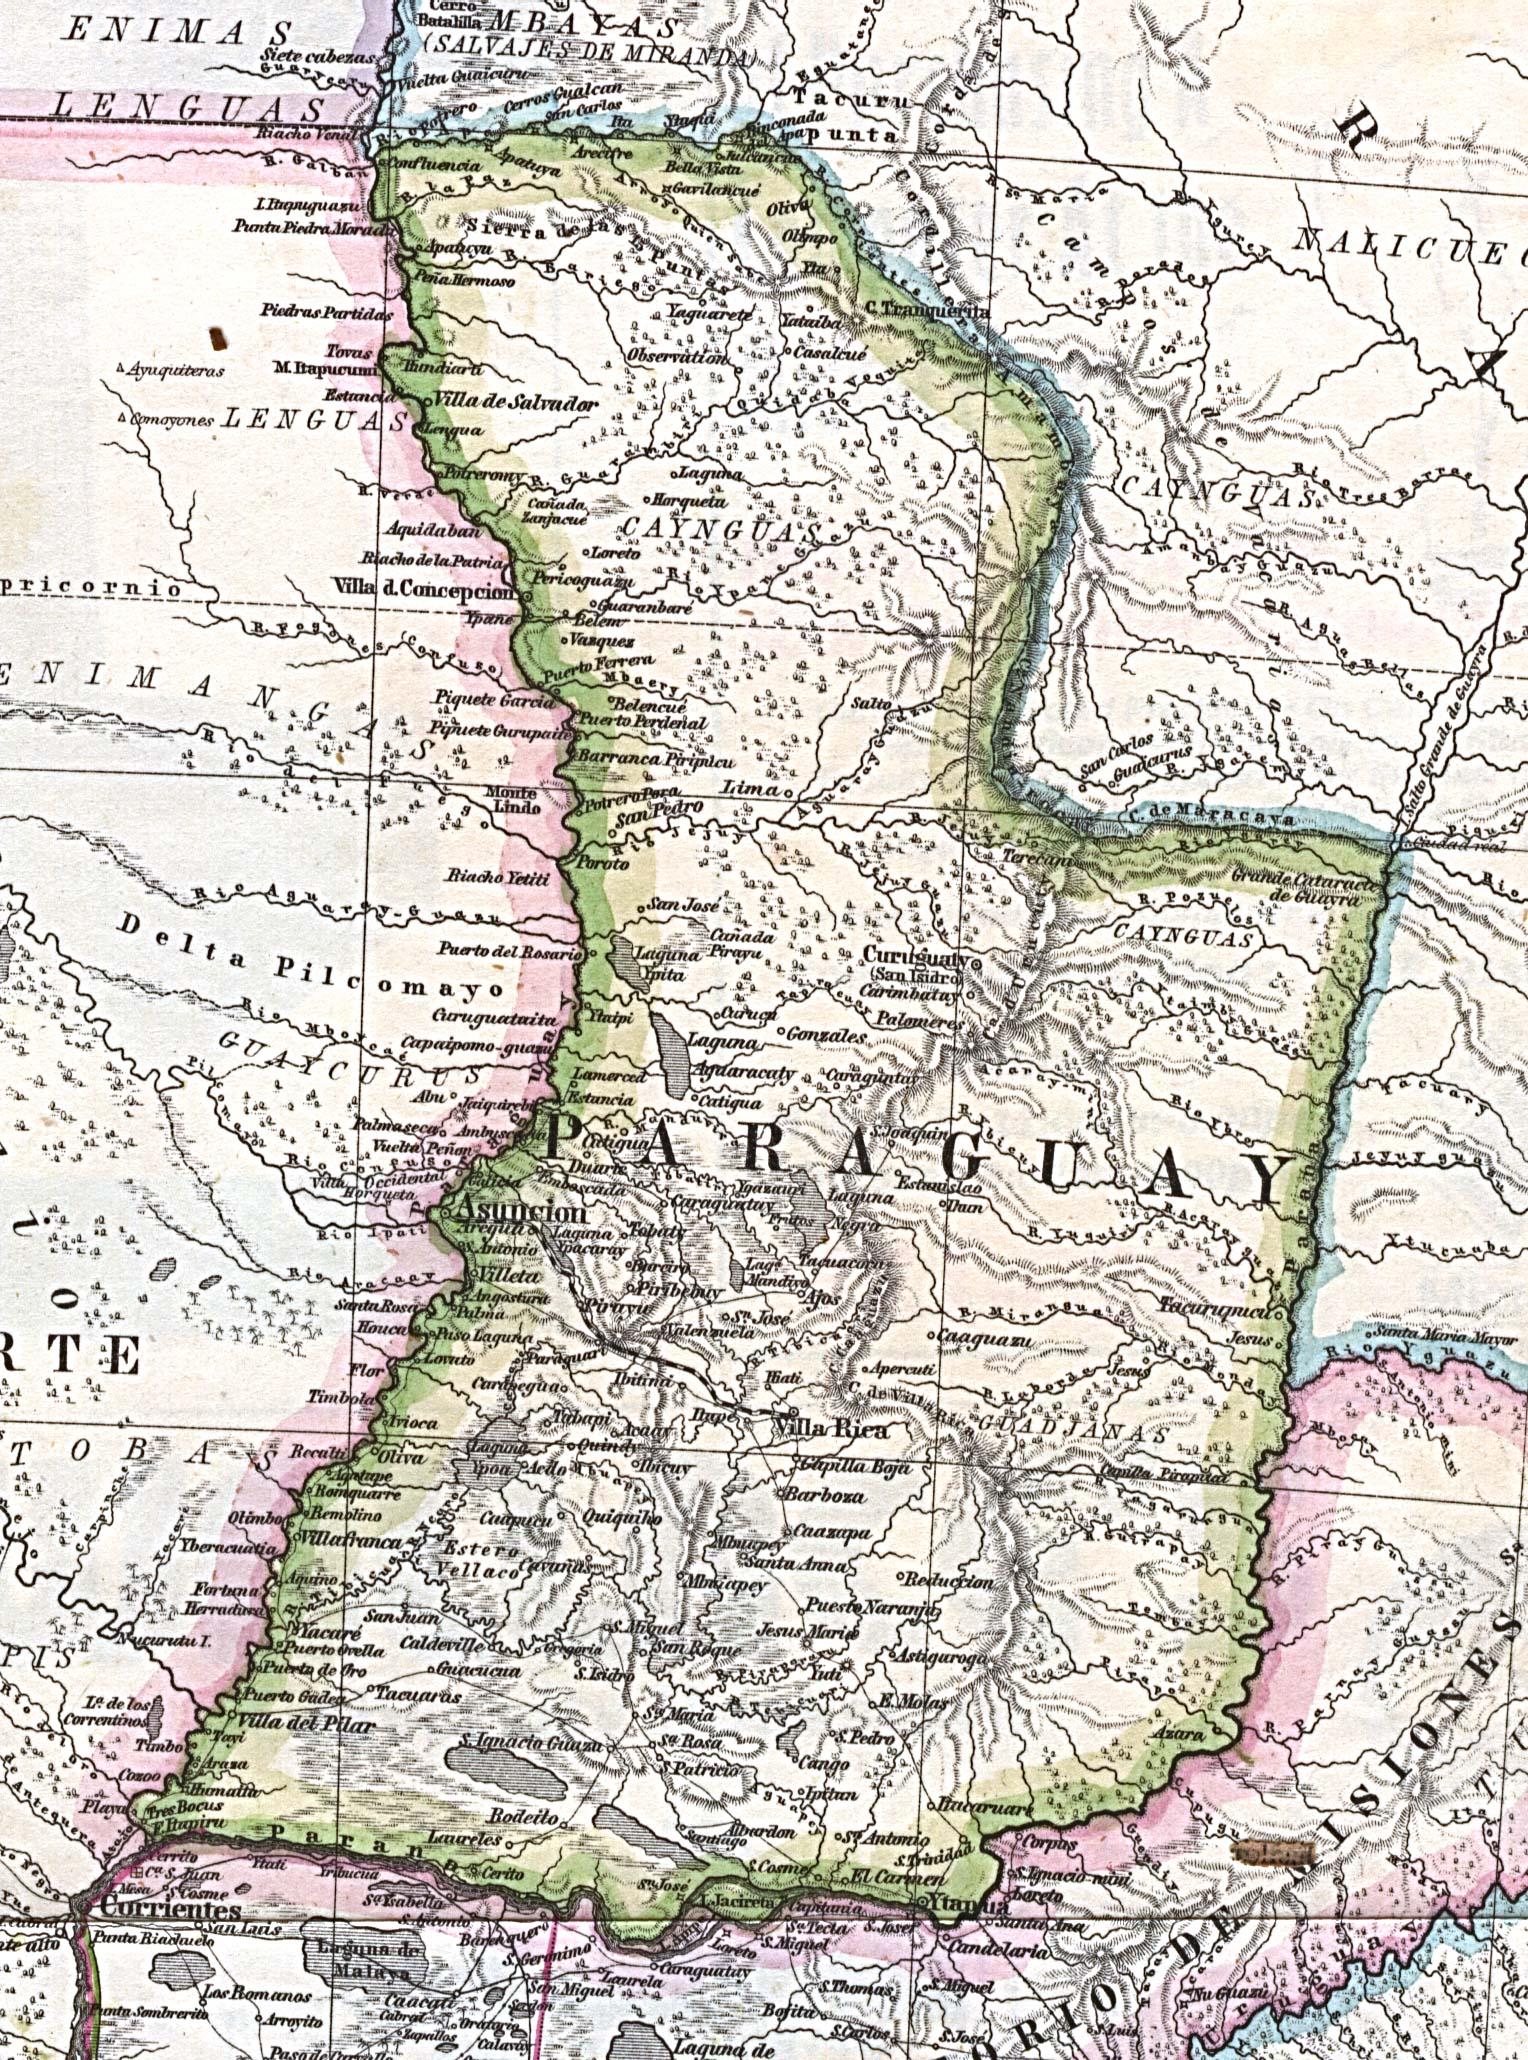 Mapa de Paraguay 1875